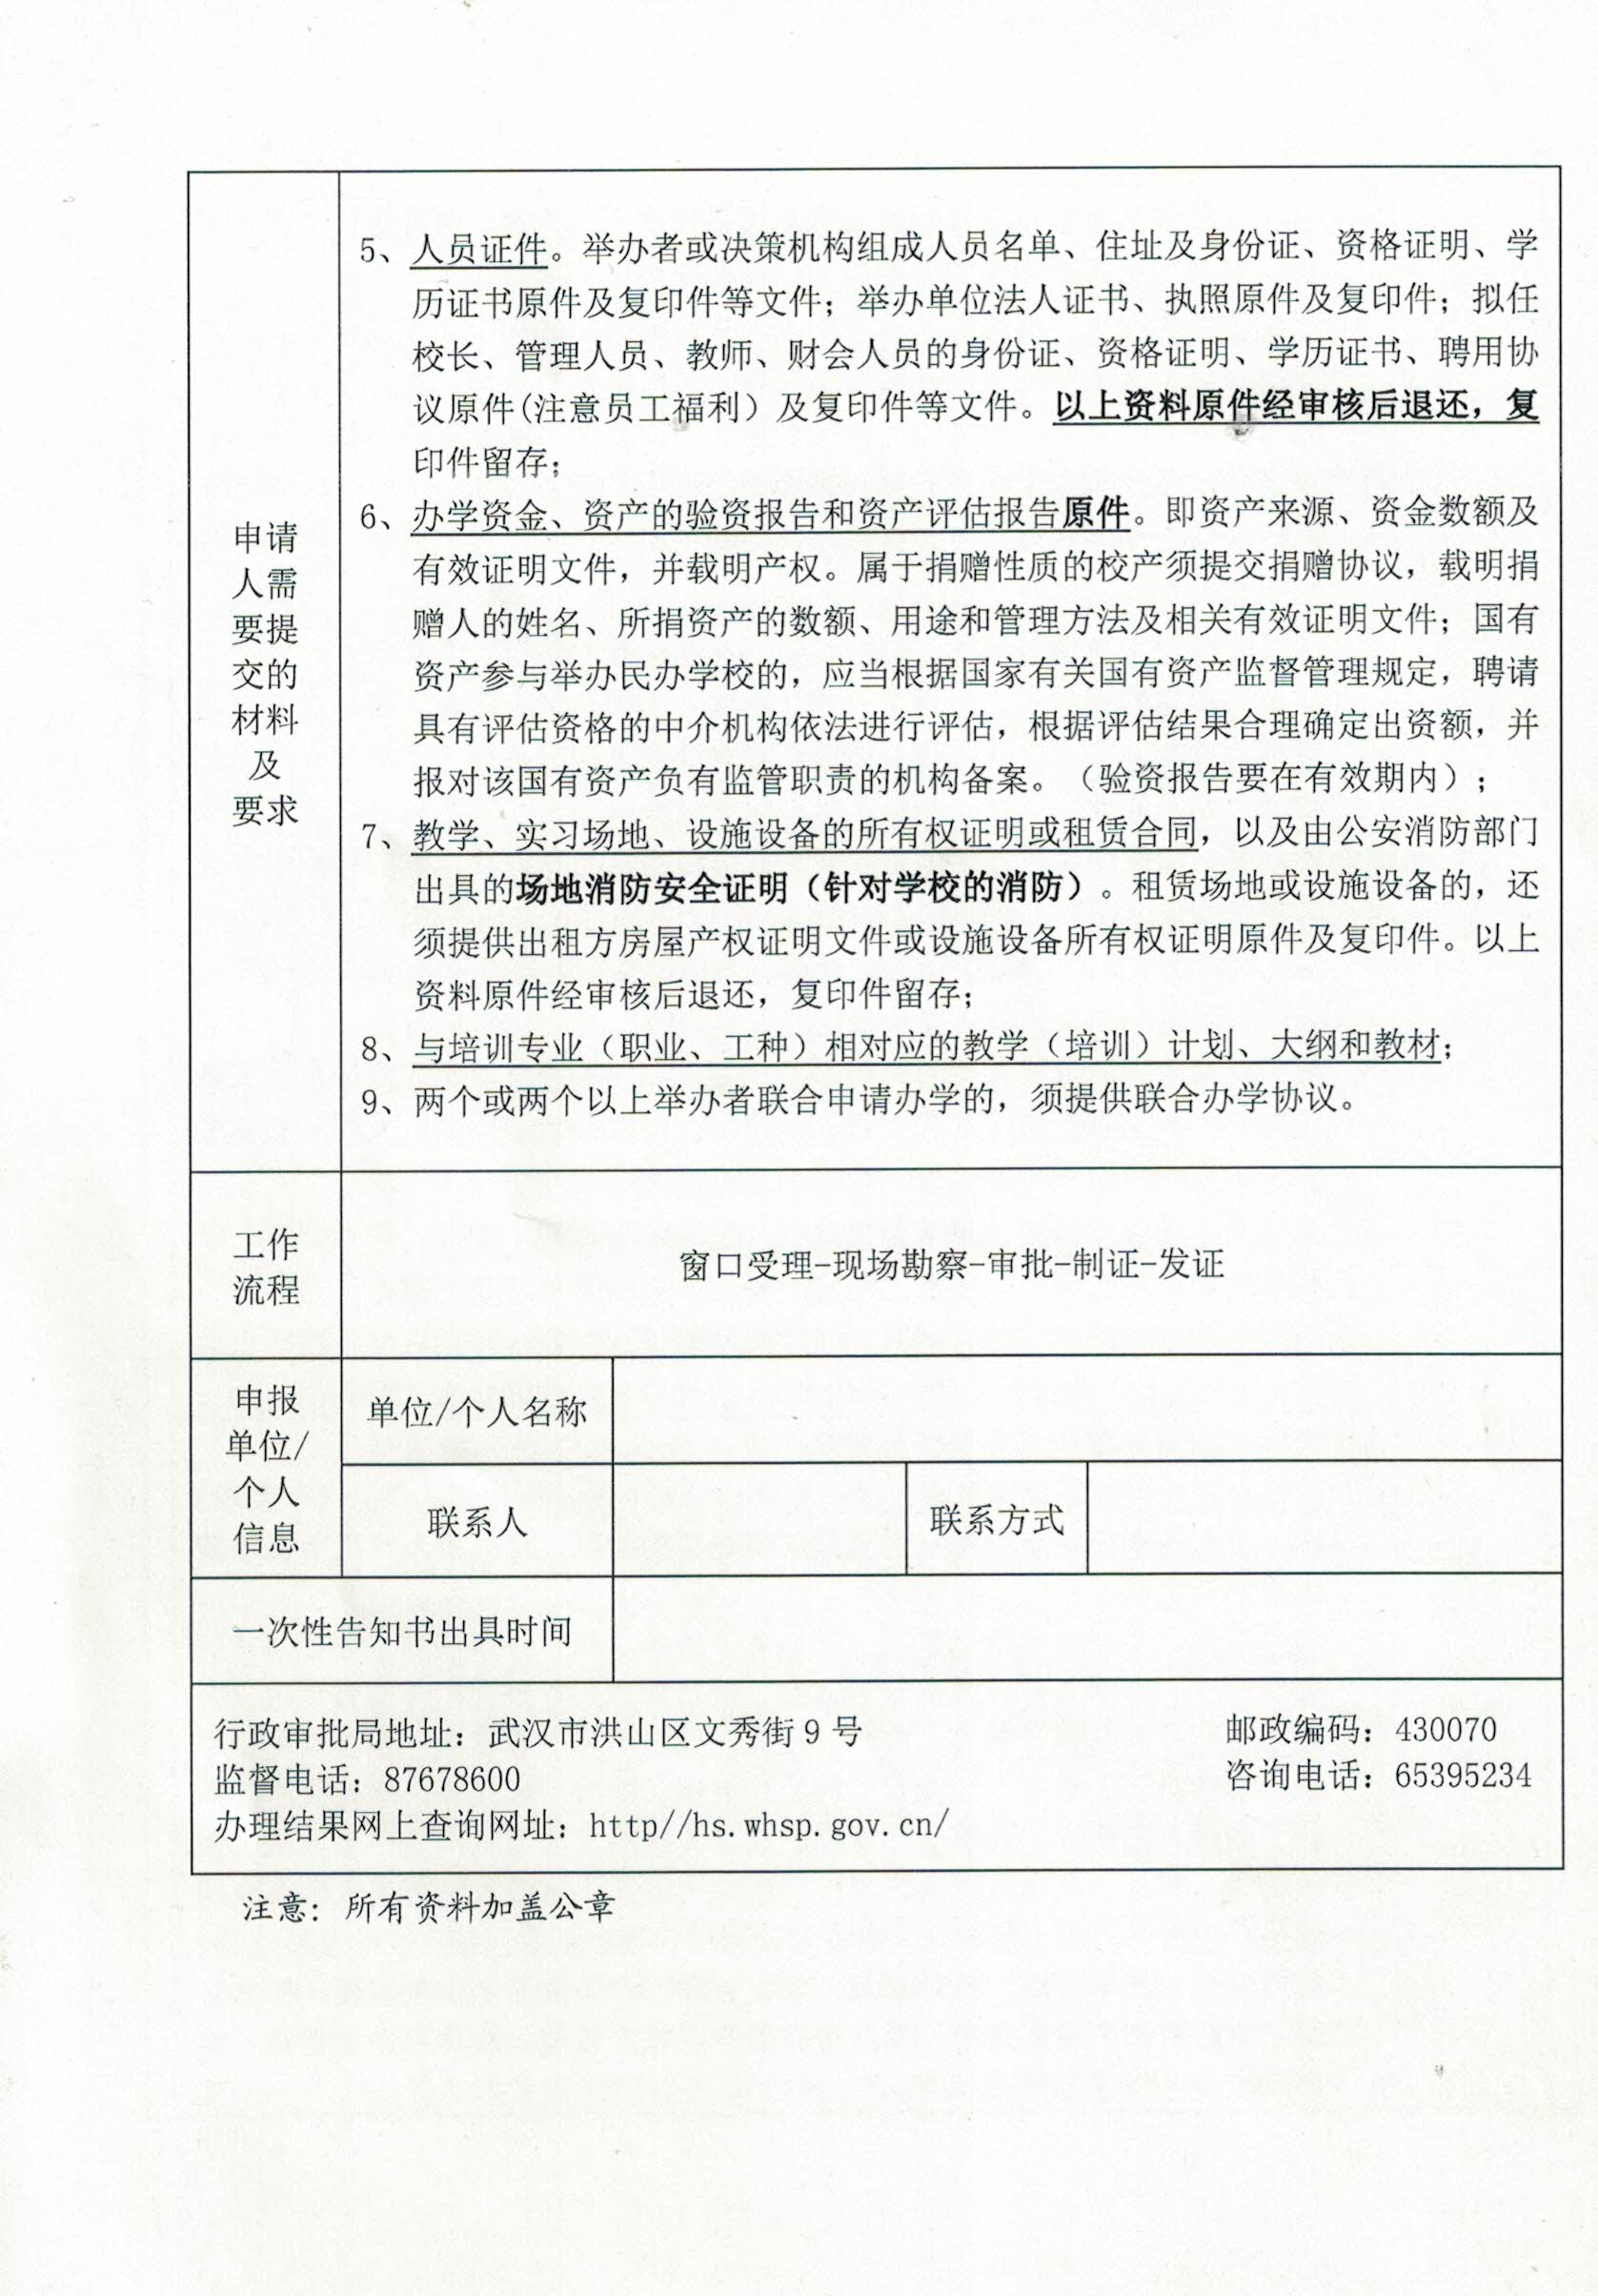 洪山区民办职业培训机构办学资格审批一次性告知书